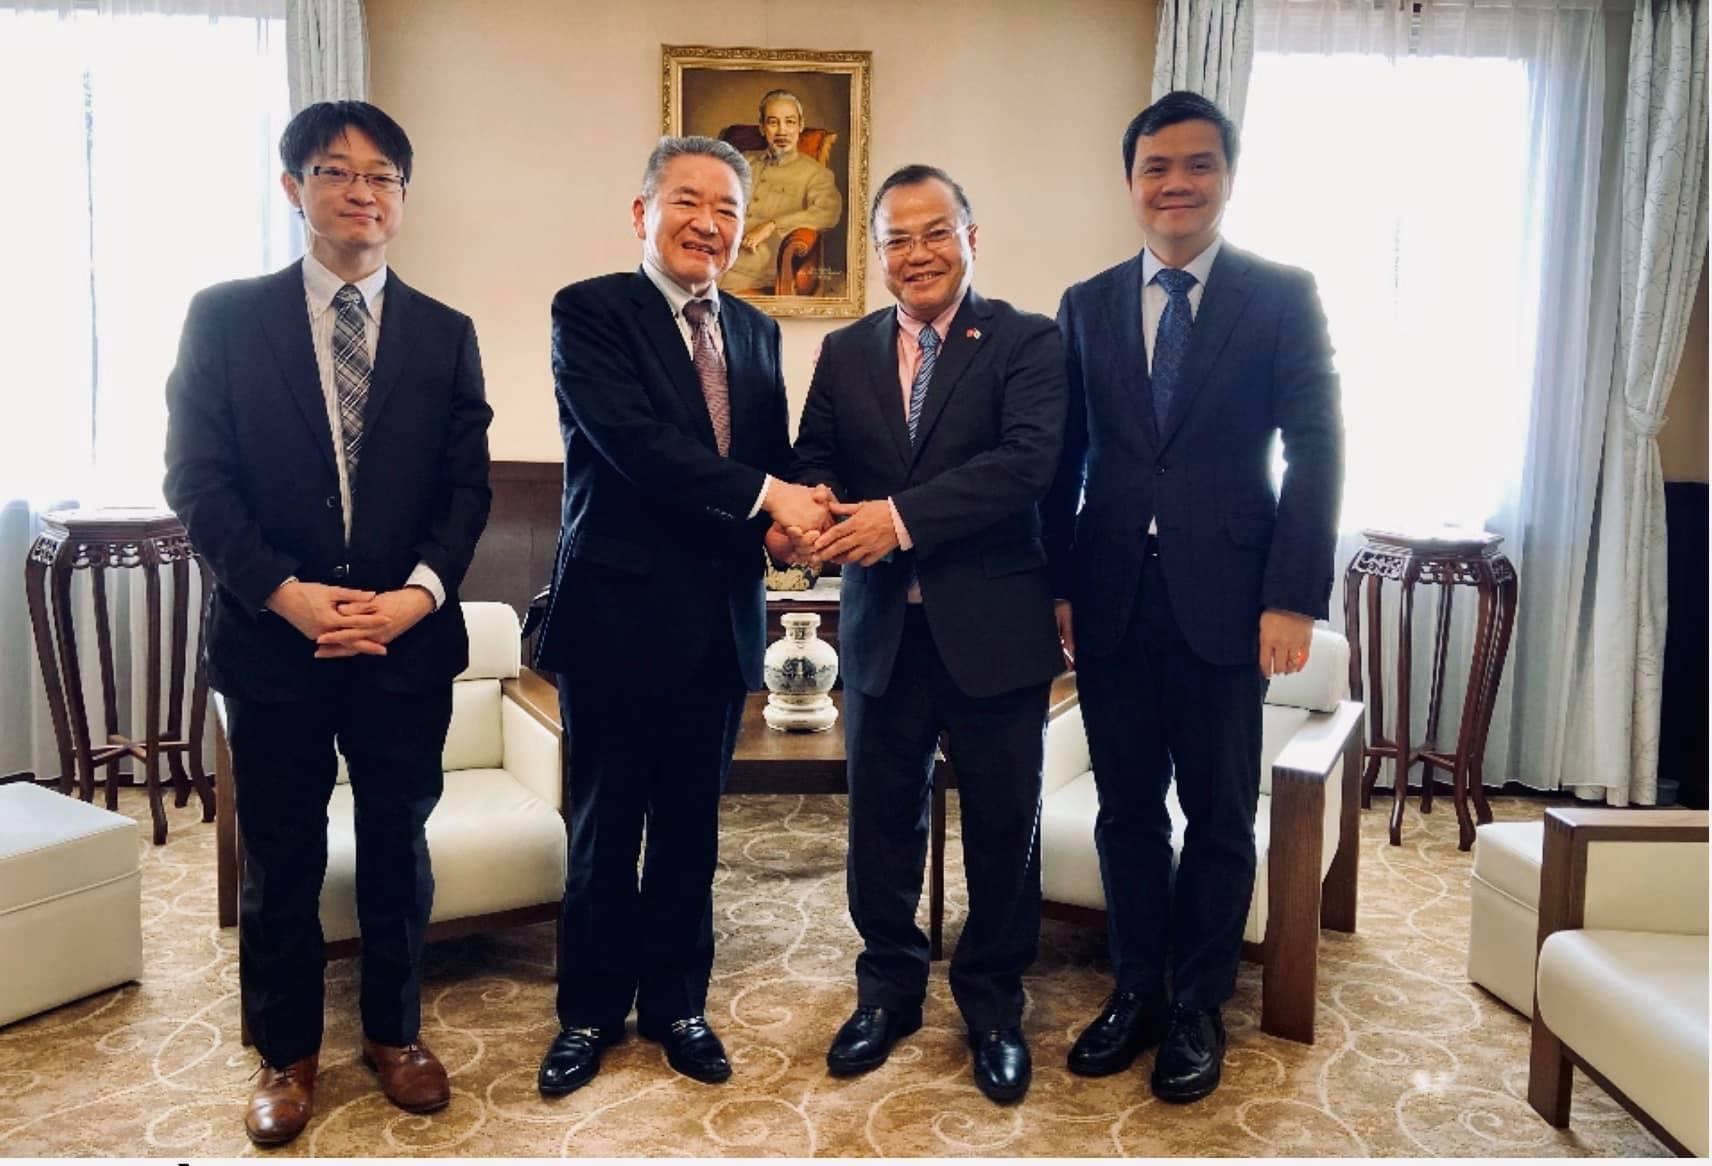 Đại sứ Vũ Hồng Nam tiếp Phó Chủ tịch Đảng Cộng sản Nhật Bản